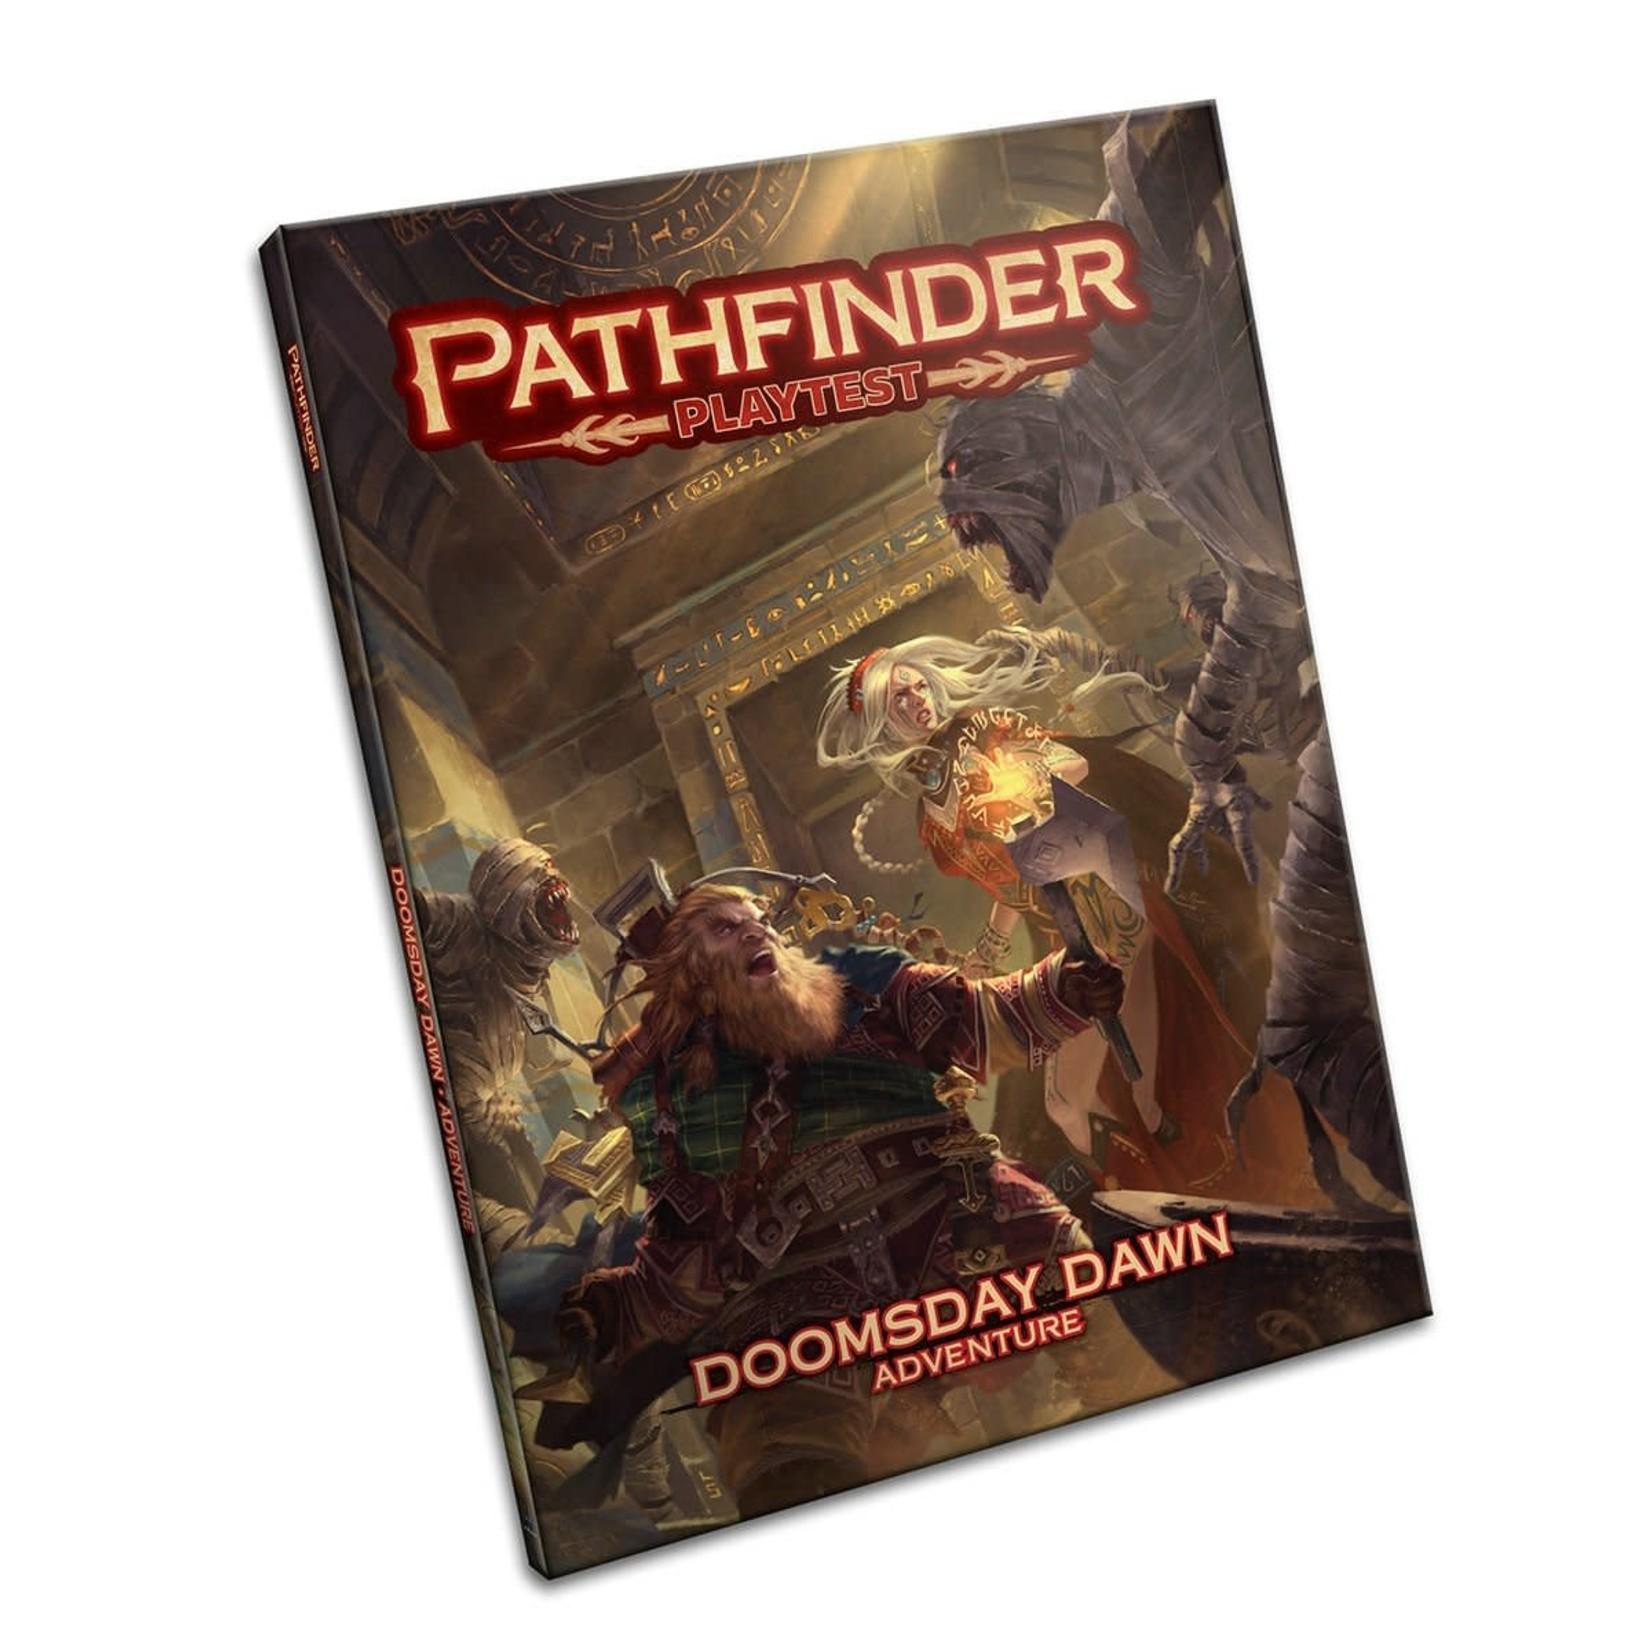 Pathfinder 2E Playtest Adventure: Doomsday Dawn